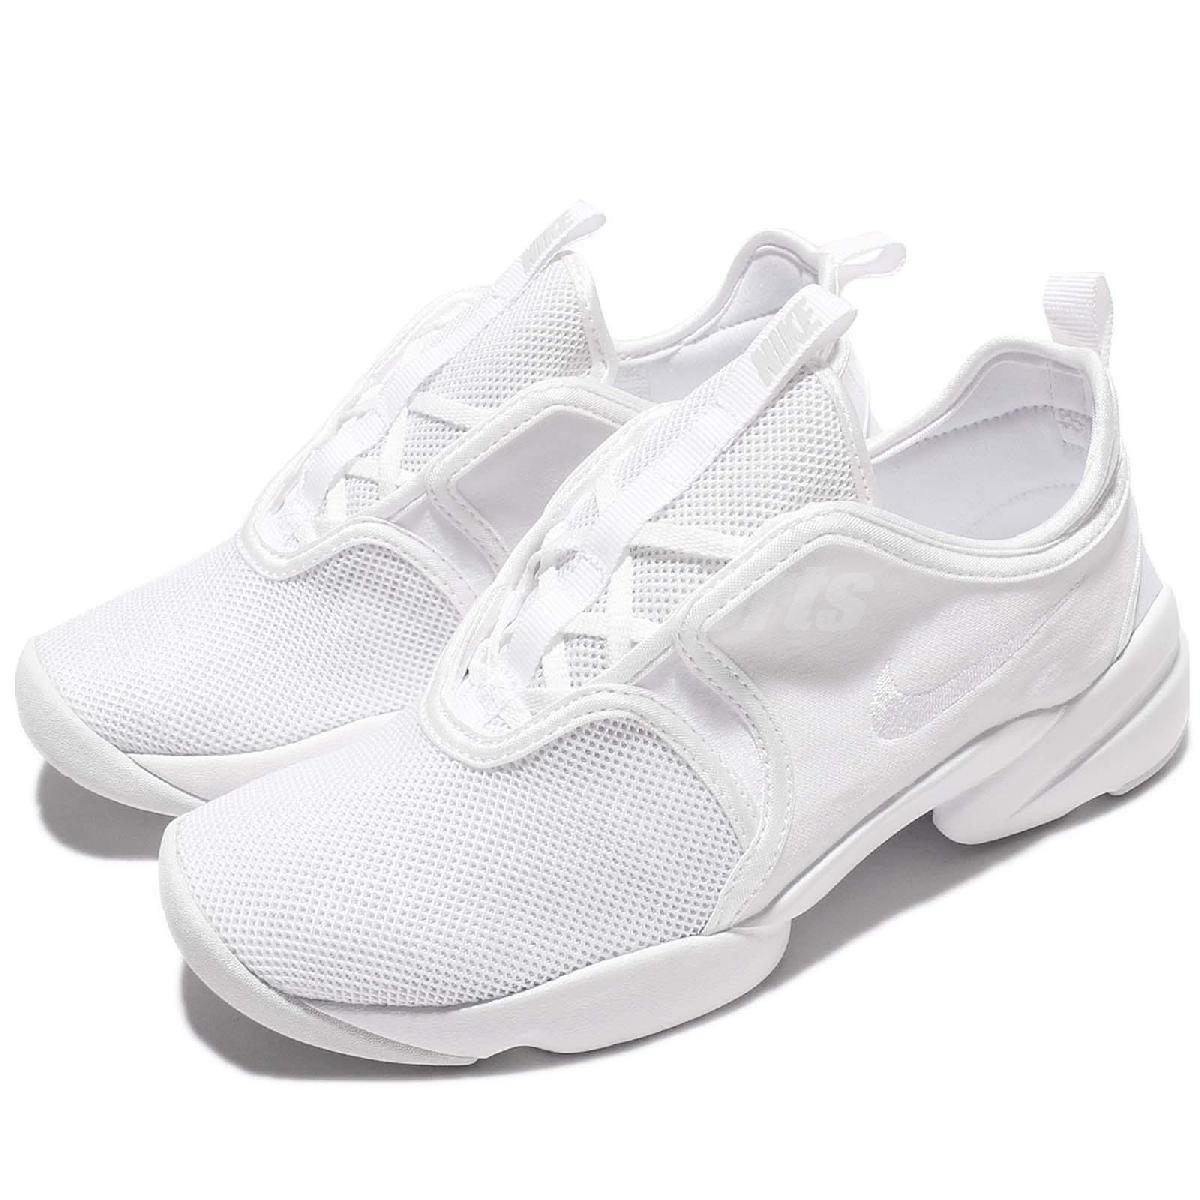 Nike 休閒鞋 Wmns Loden 忍者鞋 全白 小白鞋 襪套式 無鞋帶 女鞋 【PUMP306】 896298-100